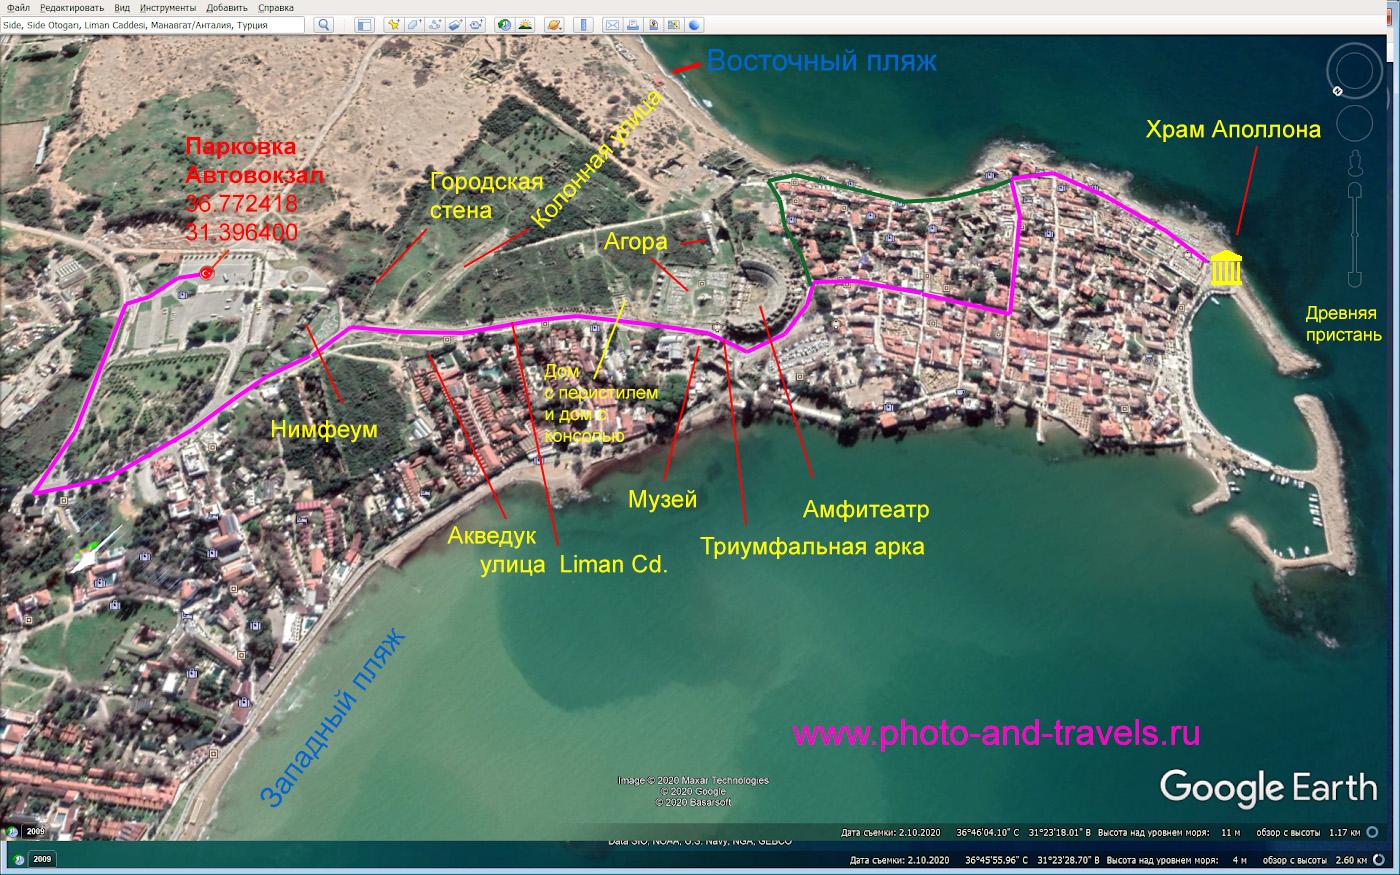 4. Карта со схемой маршрута экскурсии по развалинам древнего города Сиде в Турции. Отзывы о самостоятельной поездке.